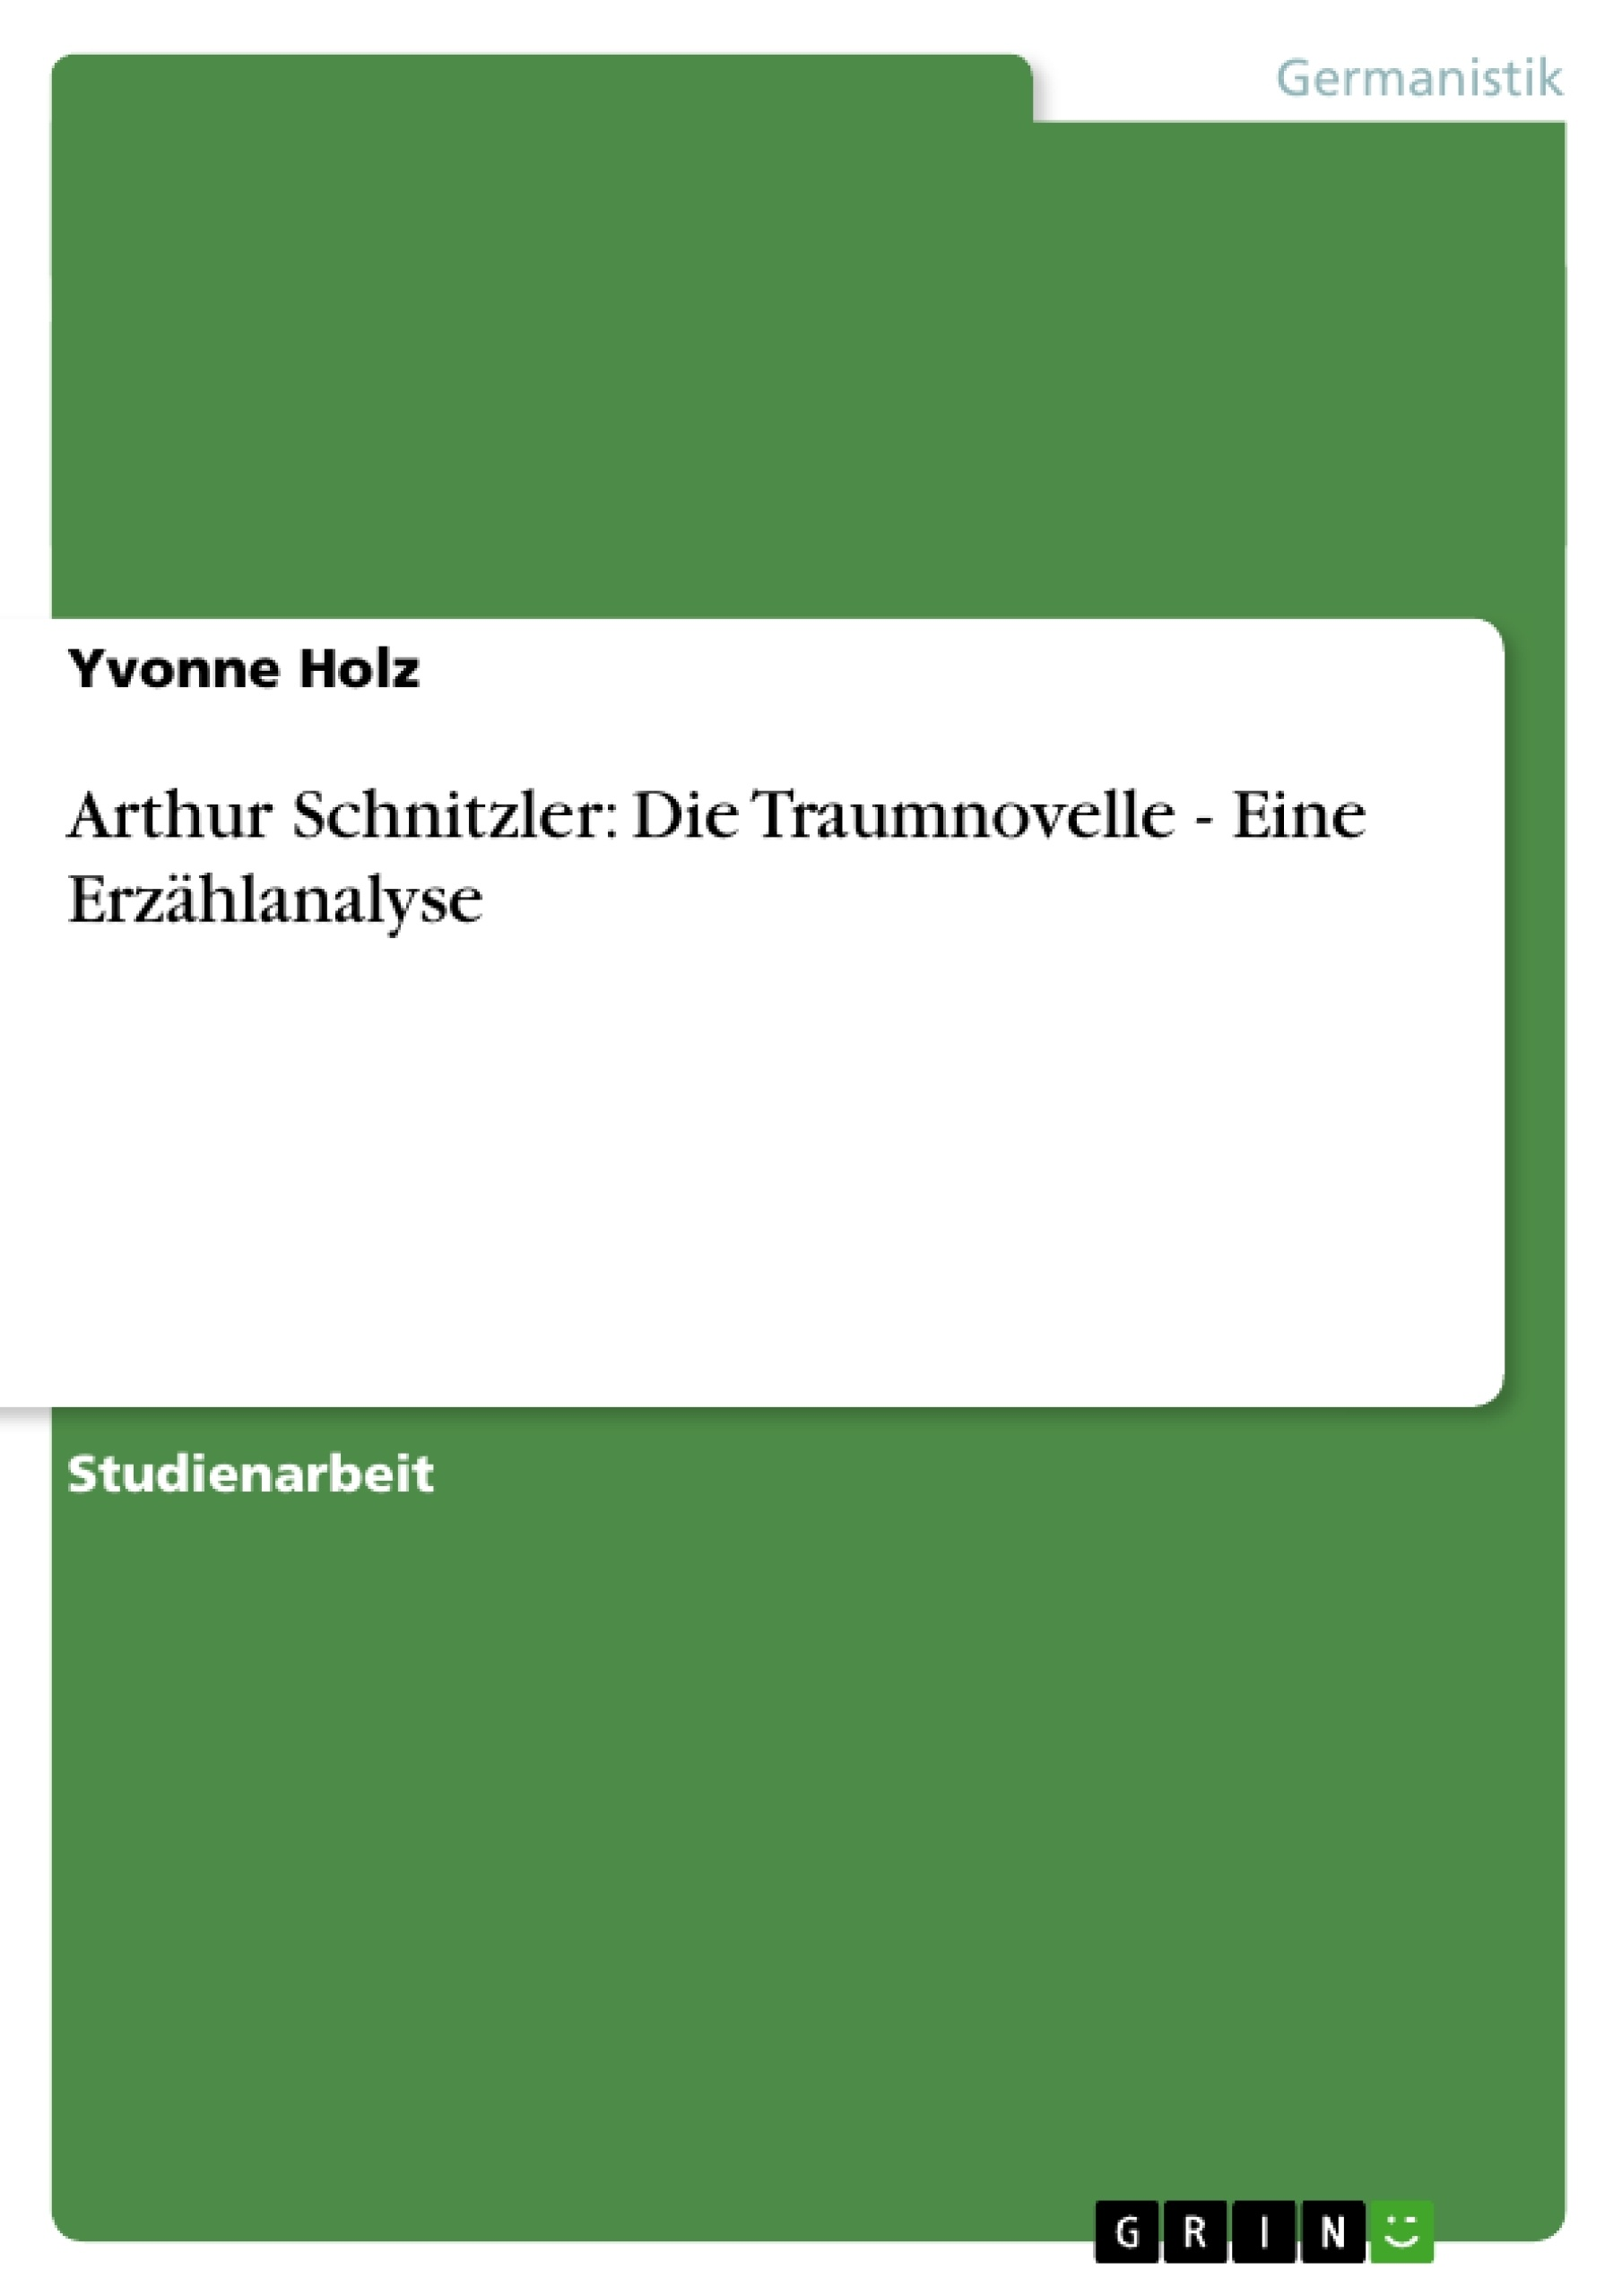 Titel: Arthur Schnitzler: Die Traumnovelle - Eine Erzählanalyse